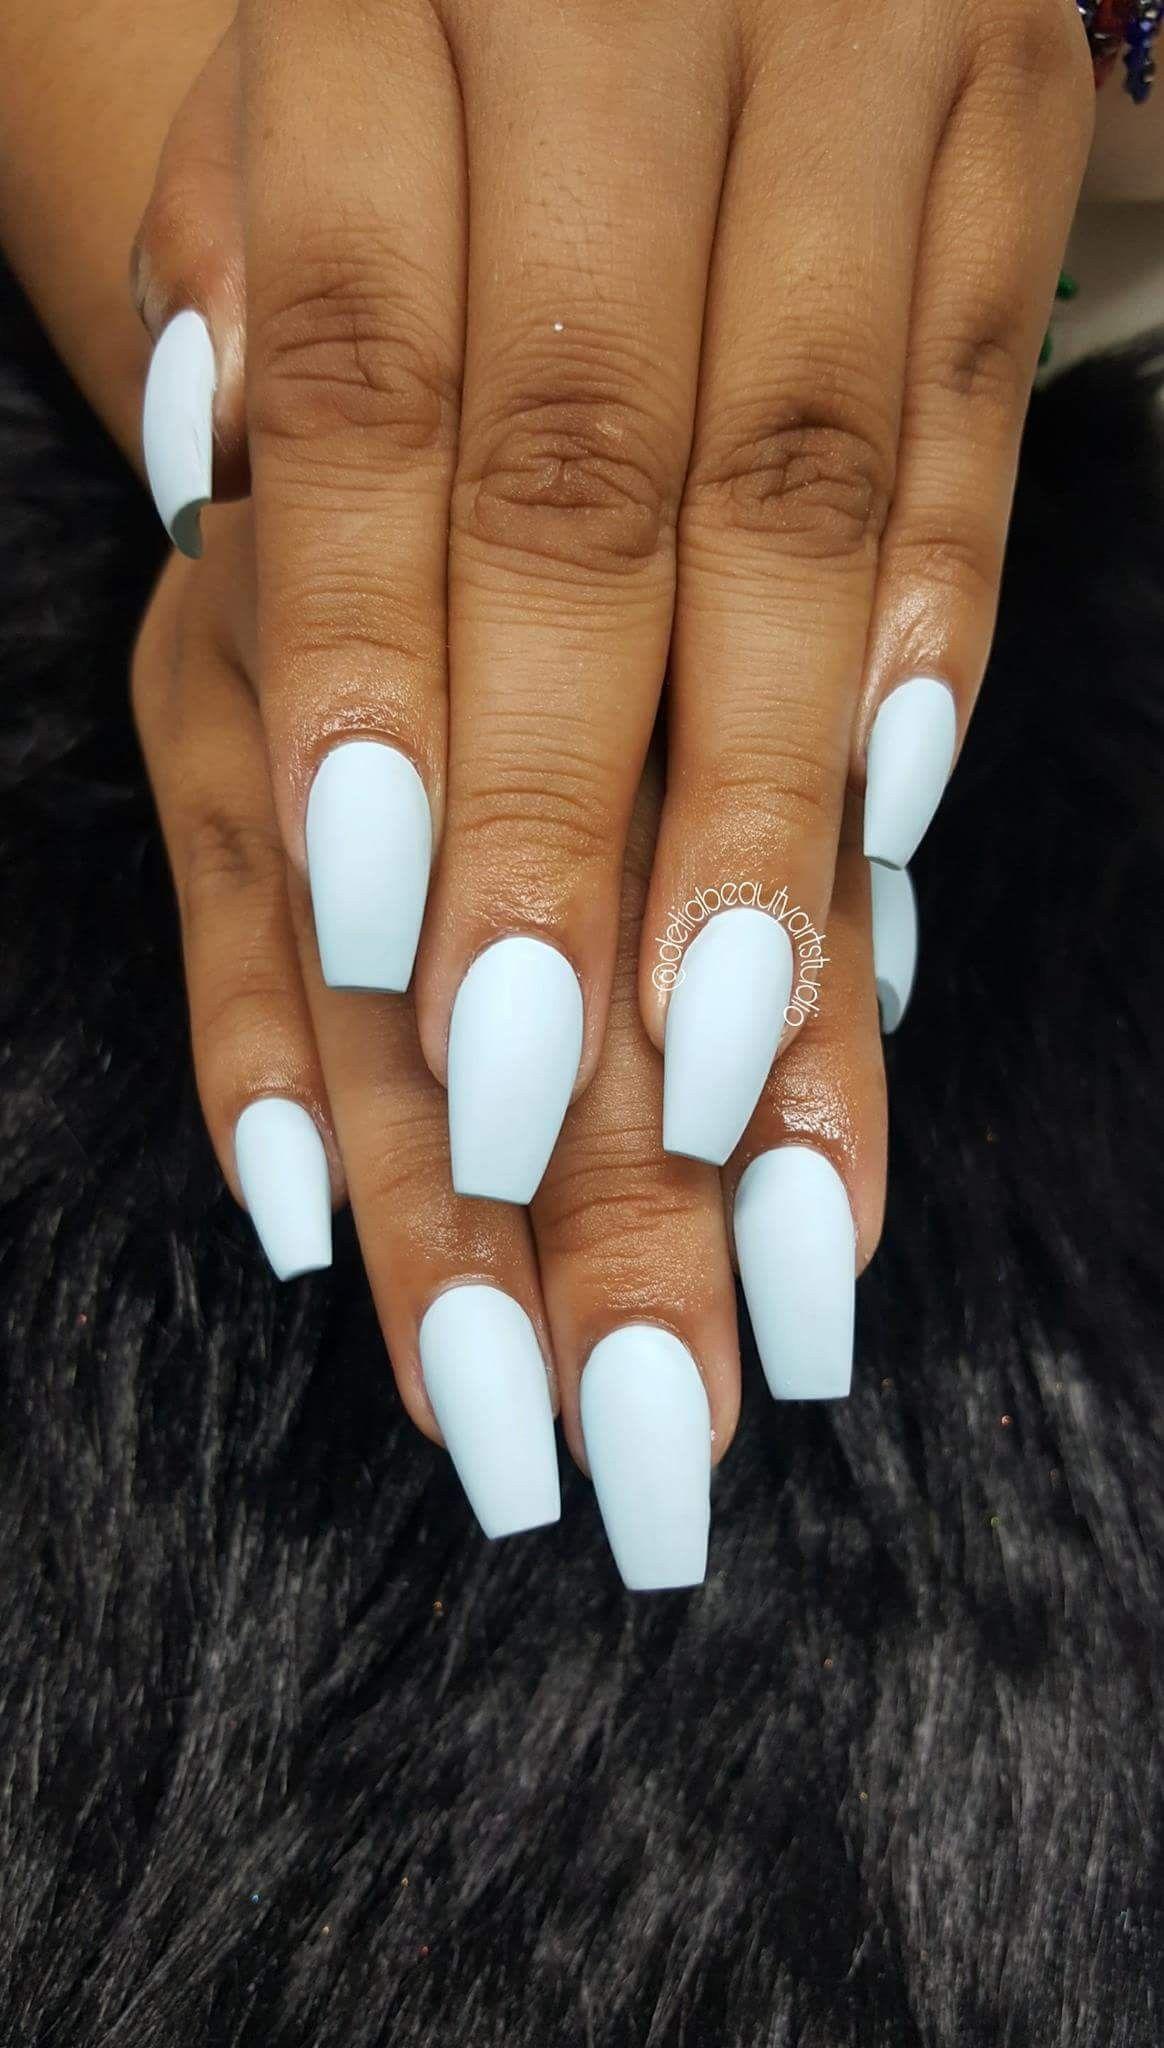 Baby blue nails, acrylic nails | Nails | Pinterest | Baby blue nails ...